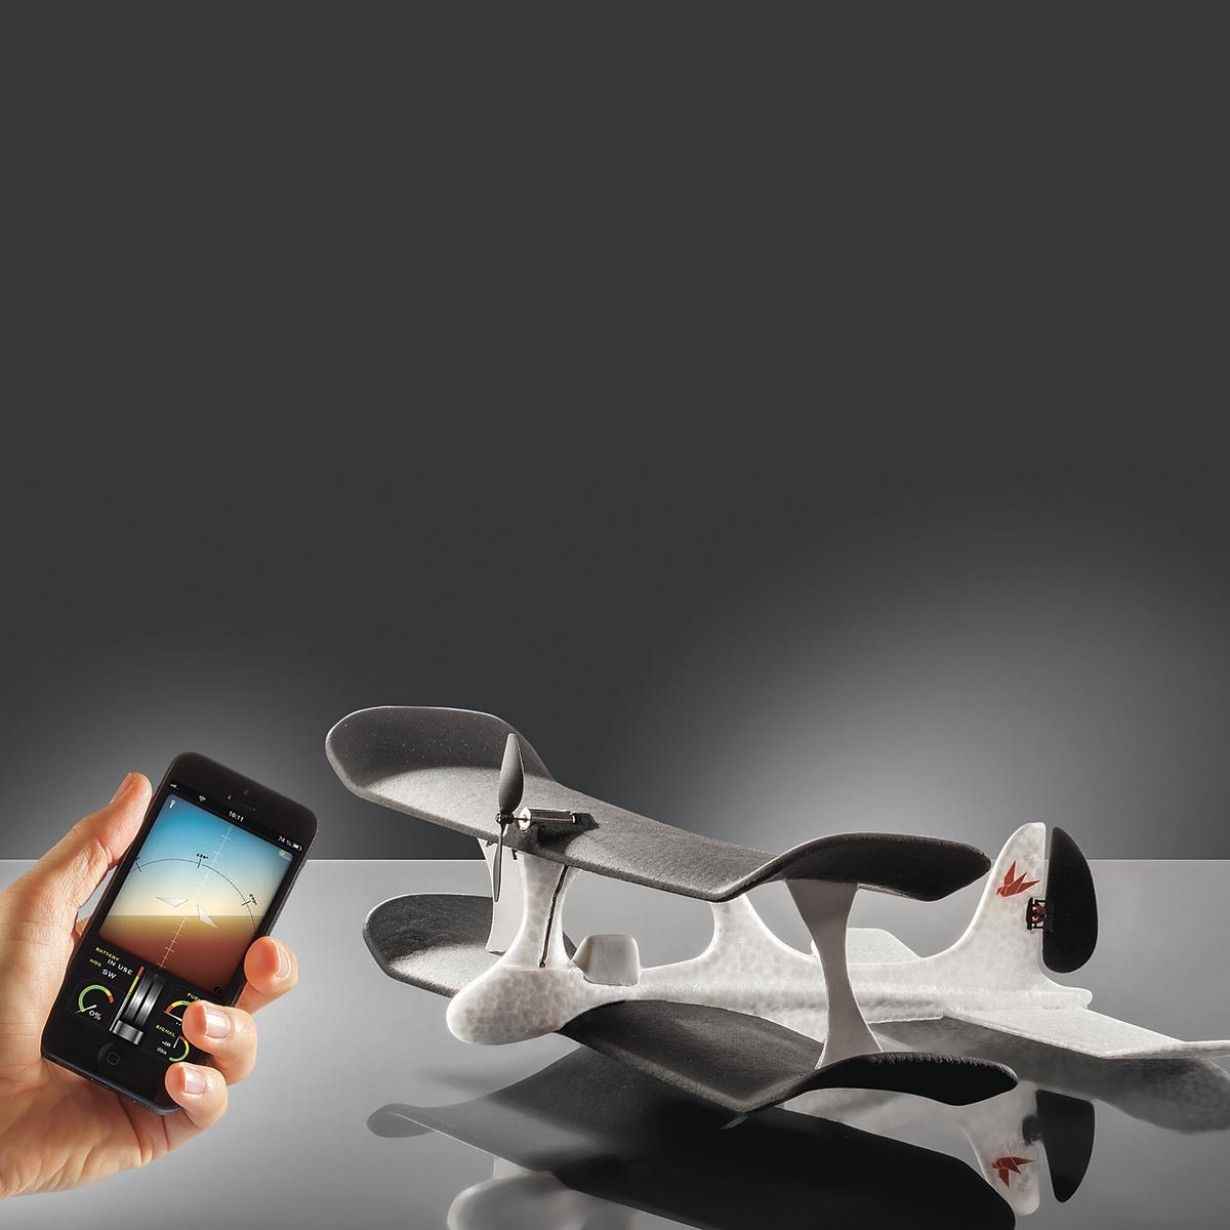 Smart Plane Flugzeug Mit App Fernsteuerung Fablife Ferngesteuerte Flugzeuge Ferngesteuert Modellflugzeug